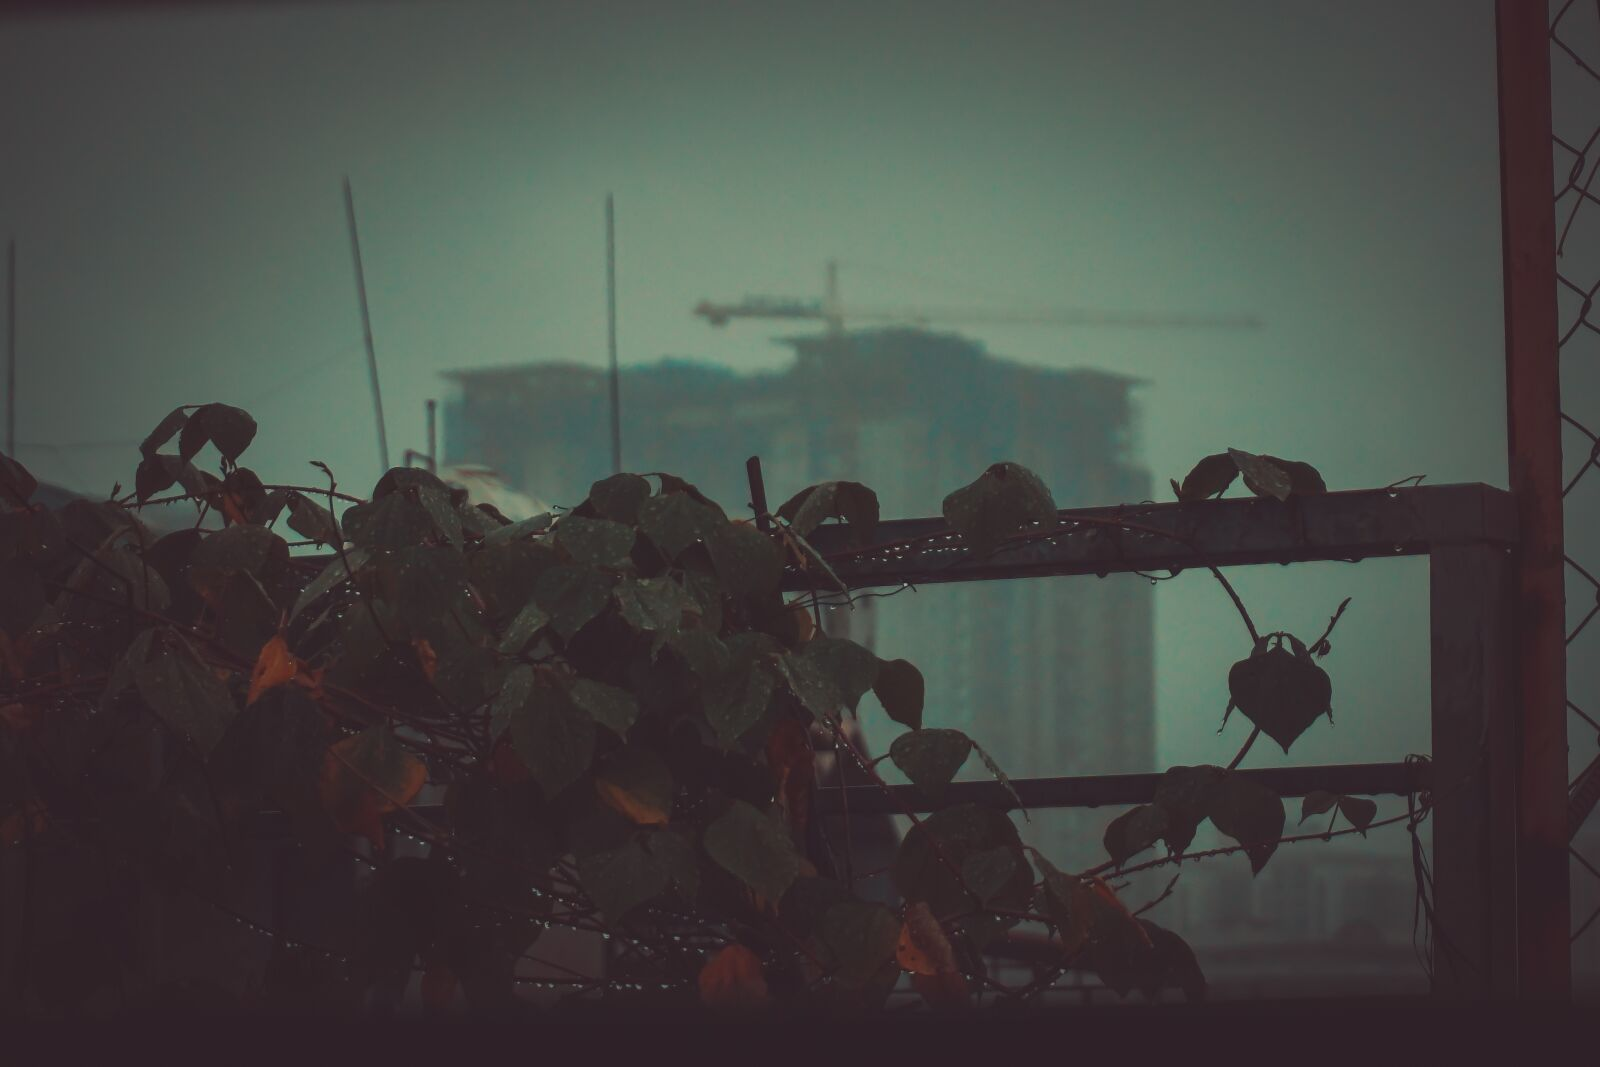 """Sony a6000 sample photo. """"Rain, vietnam, hanoi"""" photography"""